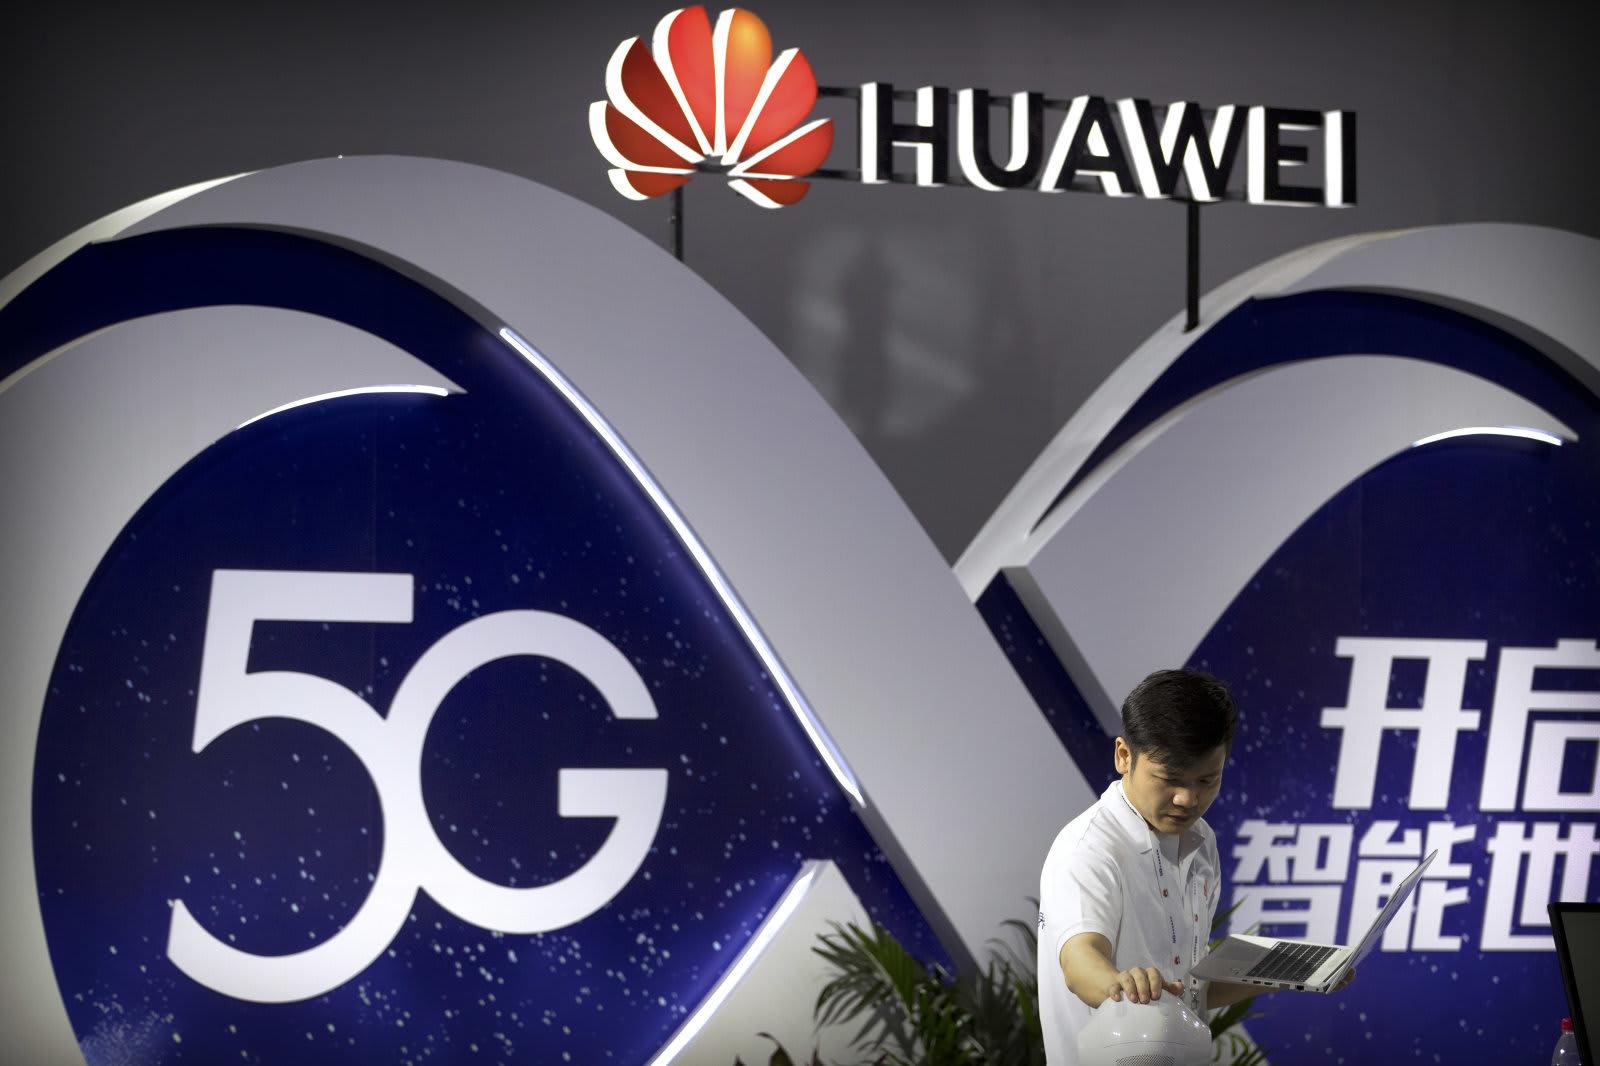 New Zealand Huawei Ban